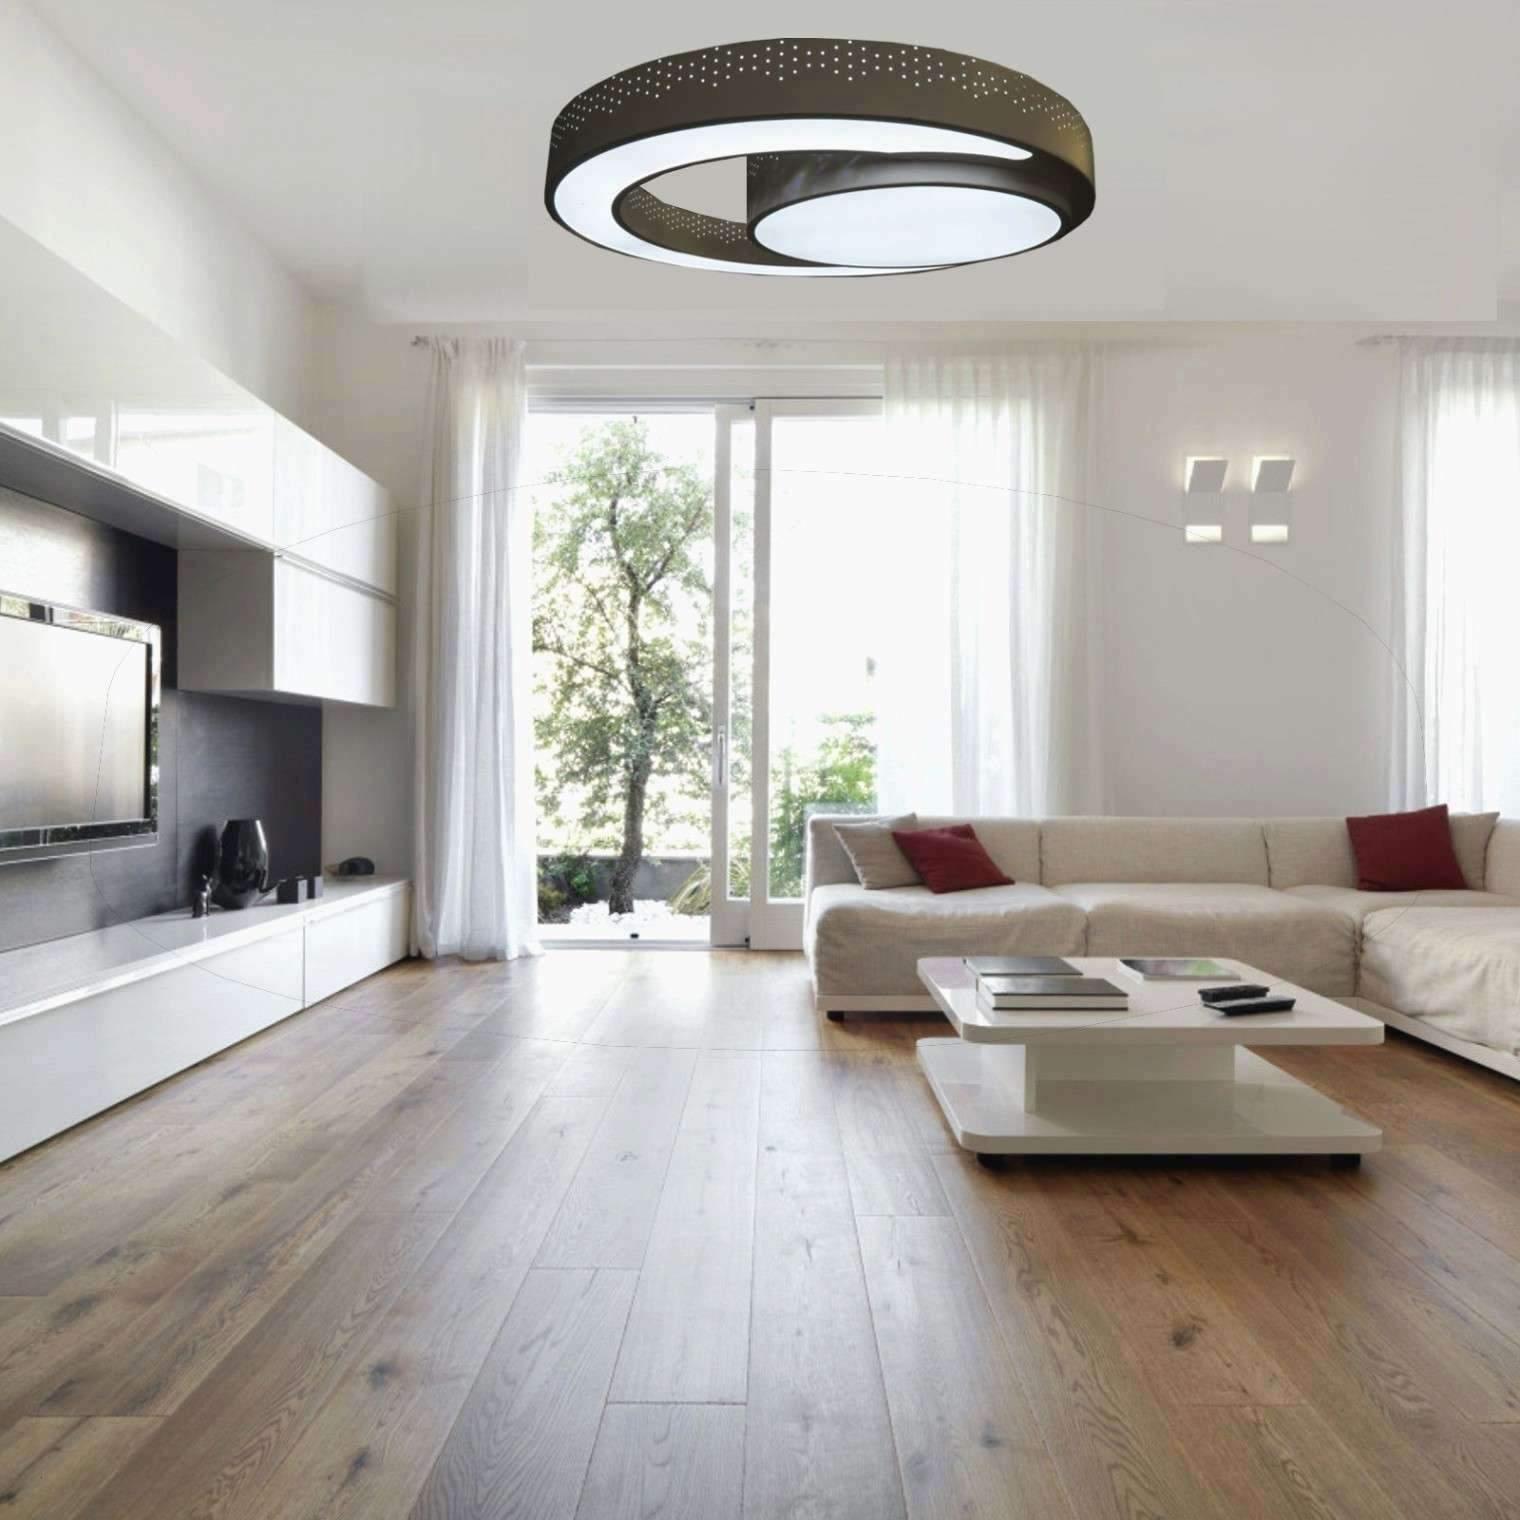 Full Size of Moderne Lampen Wohnzimmer Elegant Inspirierend Lampe Heizkörper Wandtattoo Deckenleuchten Wandbilder Dekoration Vorhänge Schrank Tapeten Ideen Deckenlampen Wohnzimmer Lampen Wohnzimmer